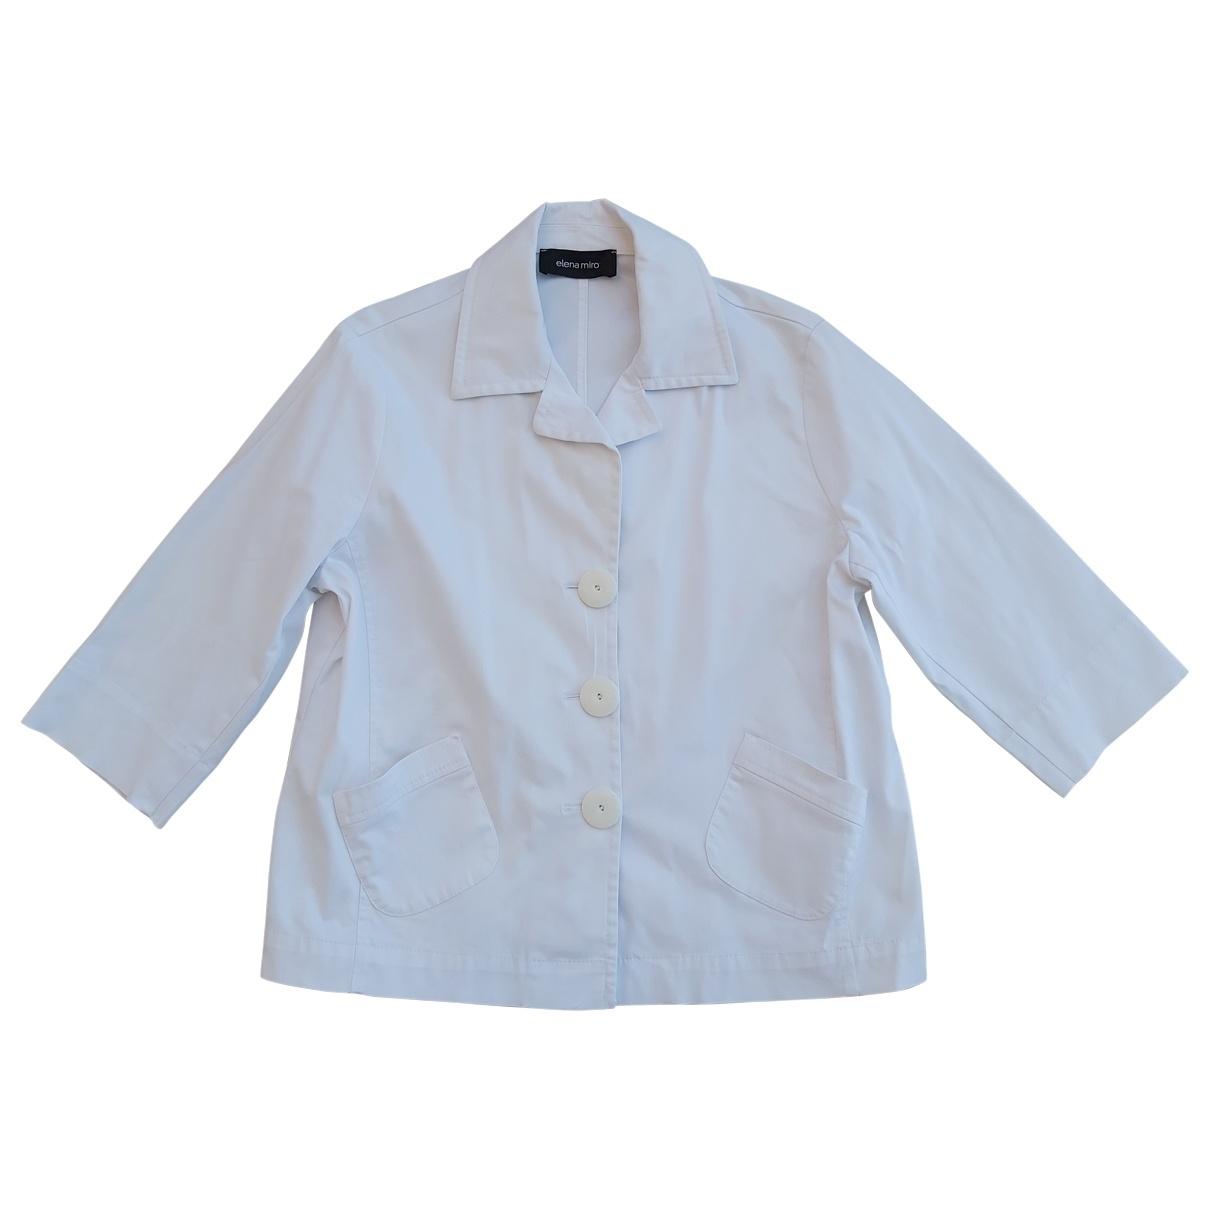 Elena Miro - Veste   pour femme en coton - blanc